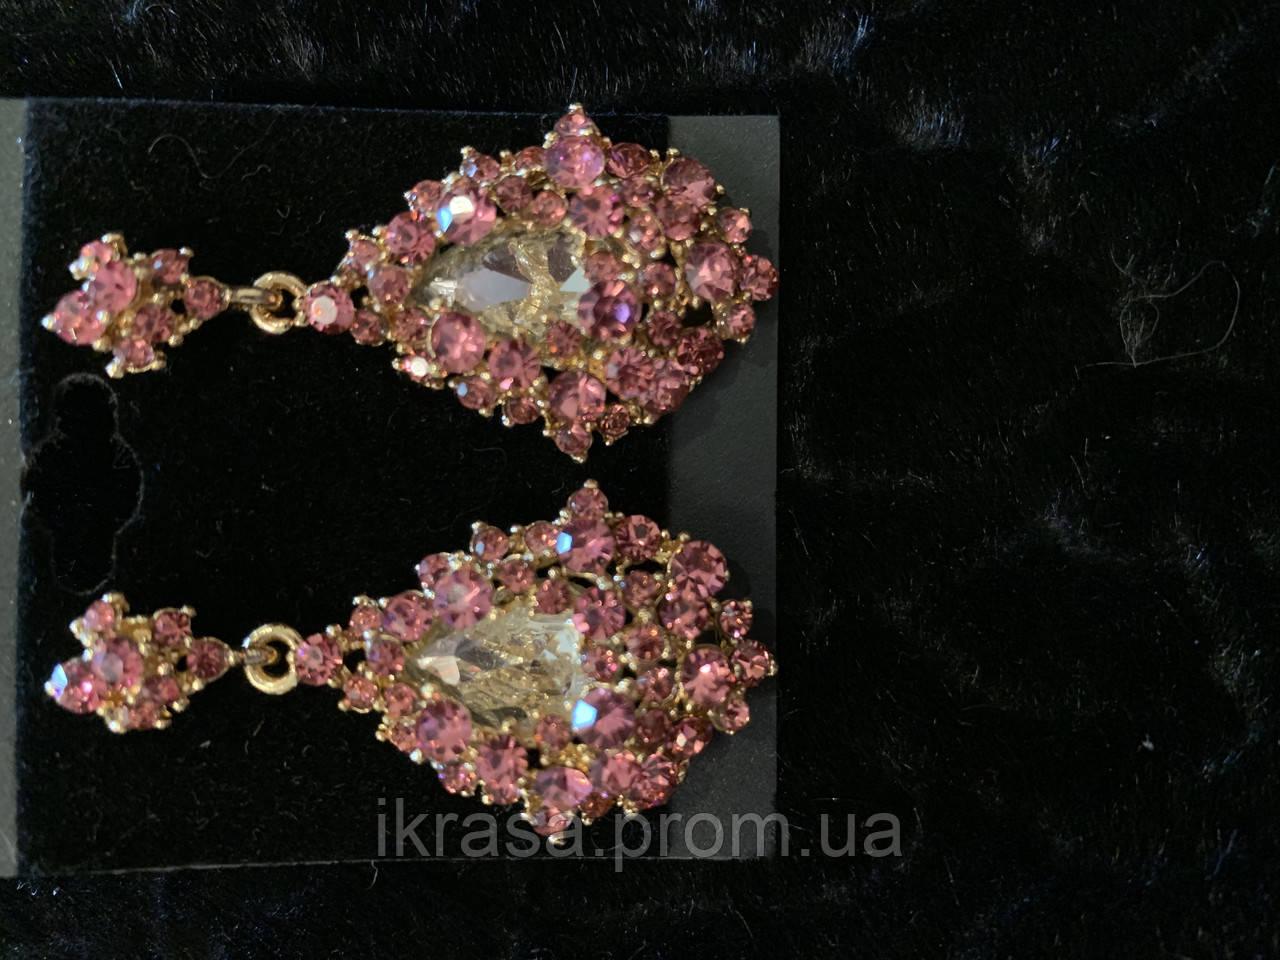 Ніжні сережки з рожевим камінням кольору золото